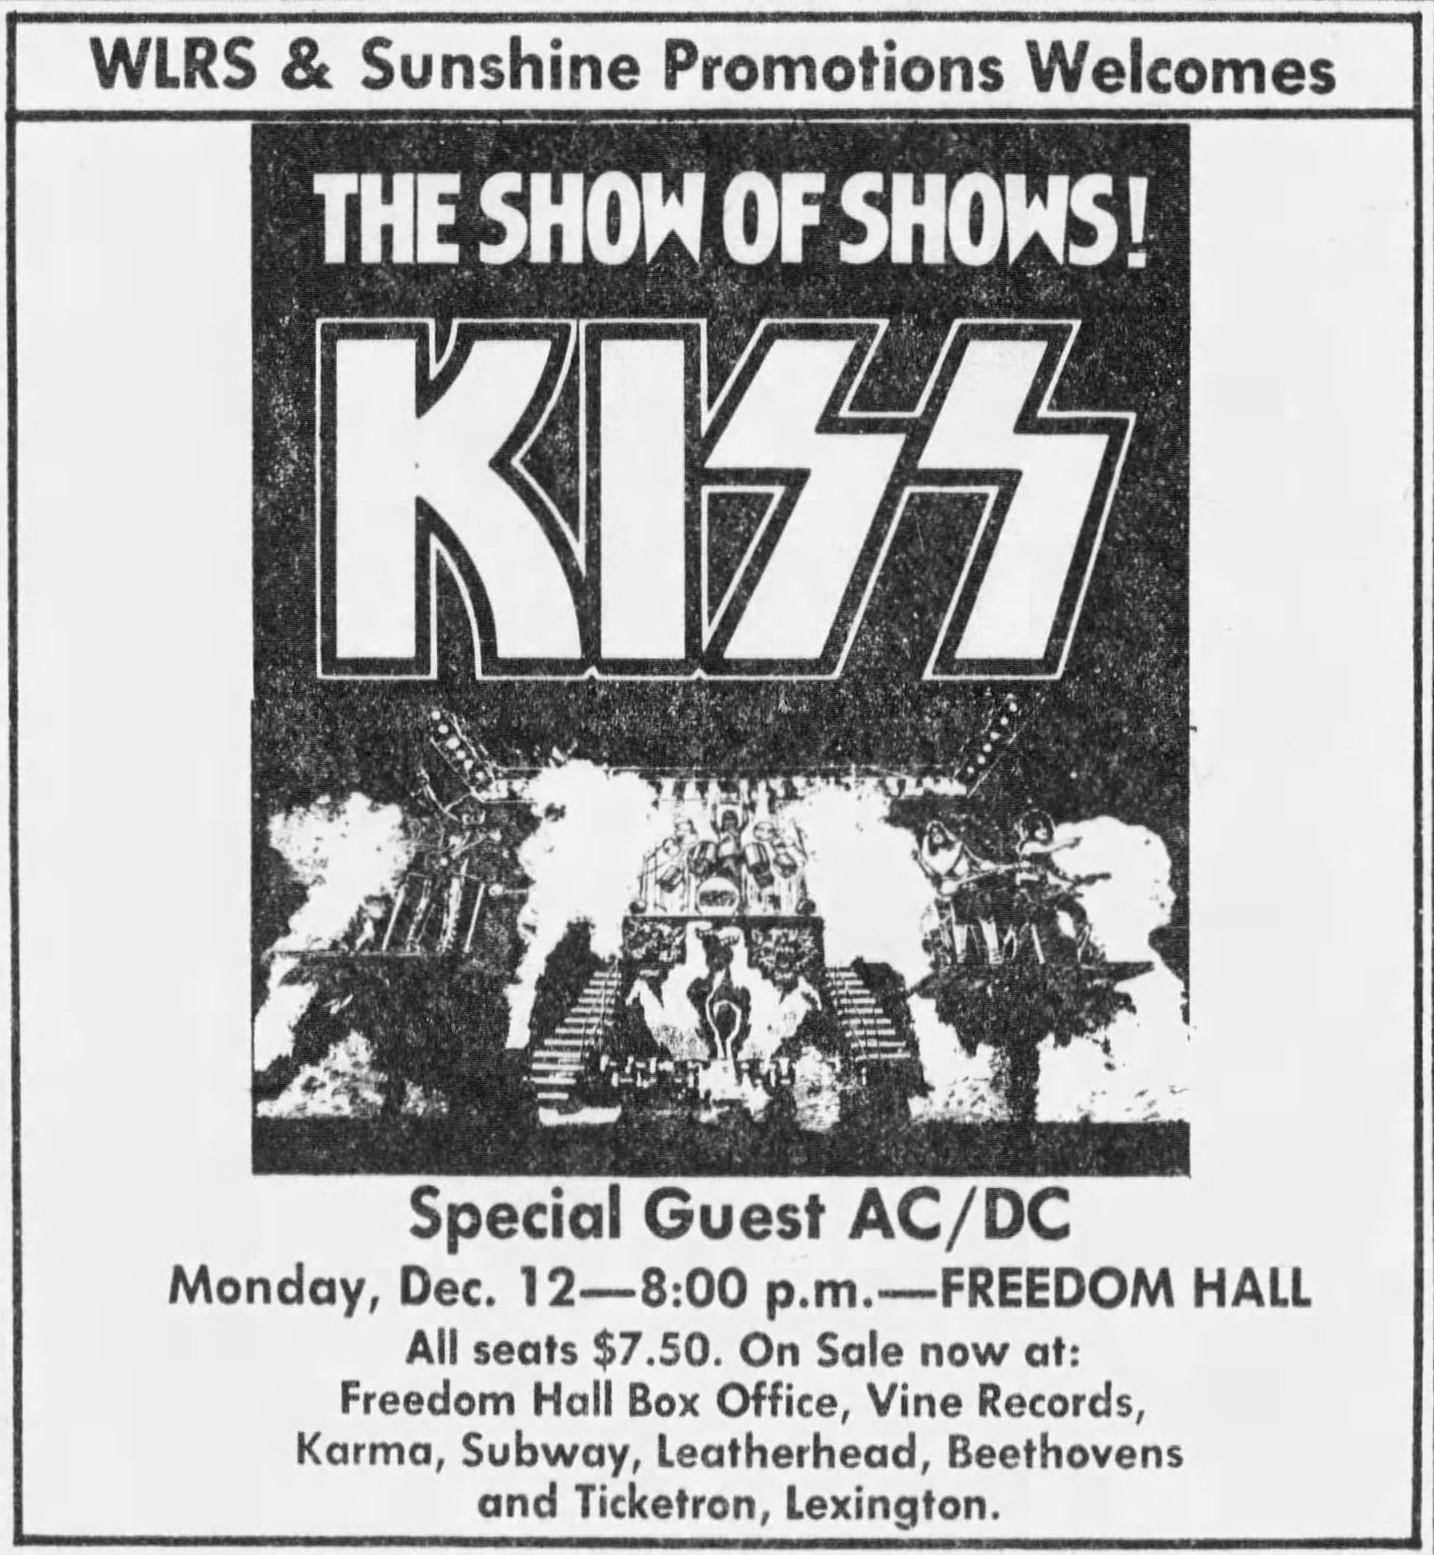 KISS December 12, 1977